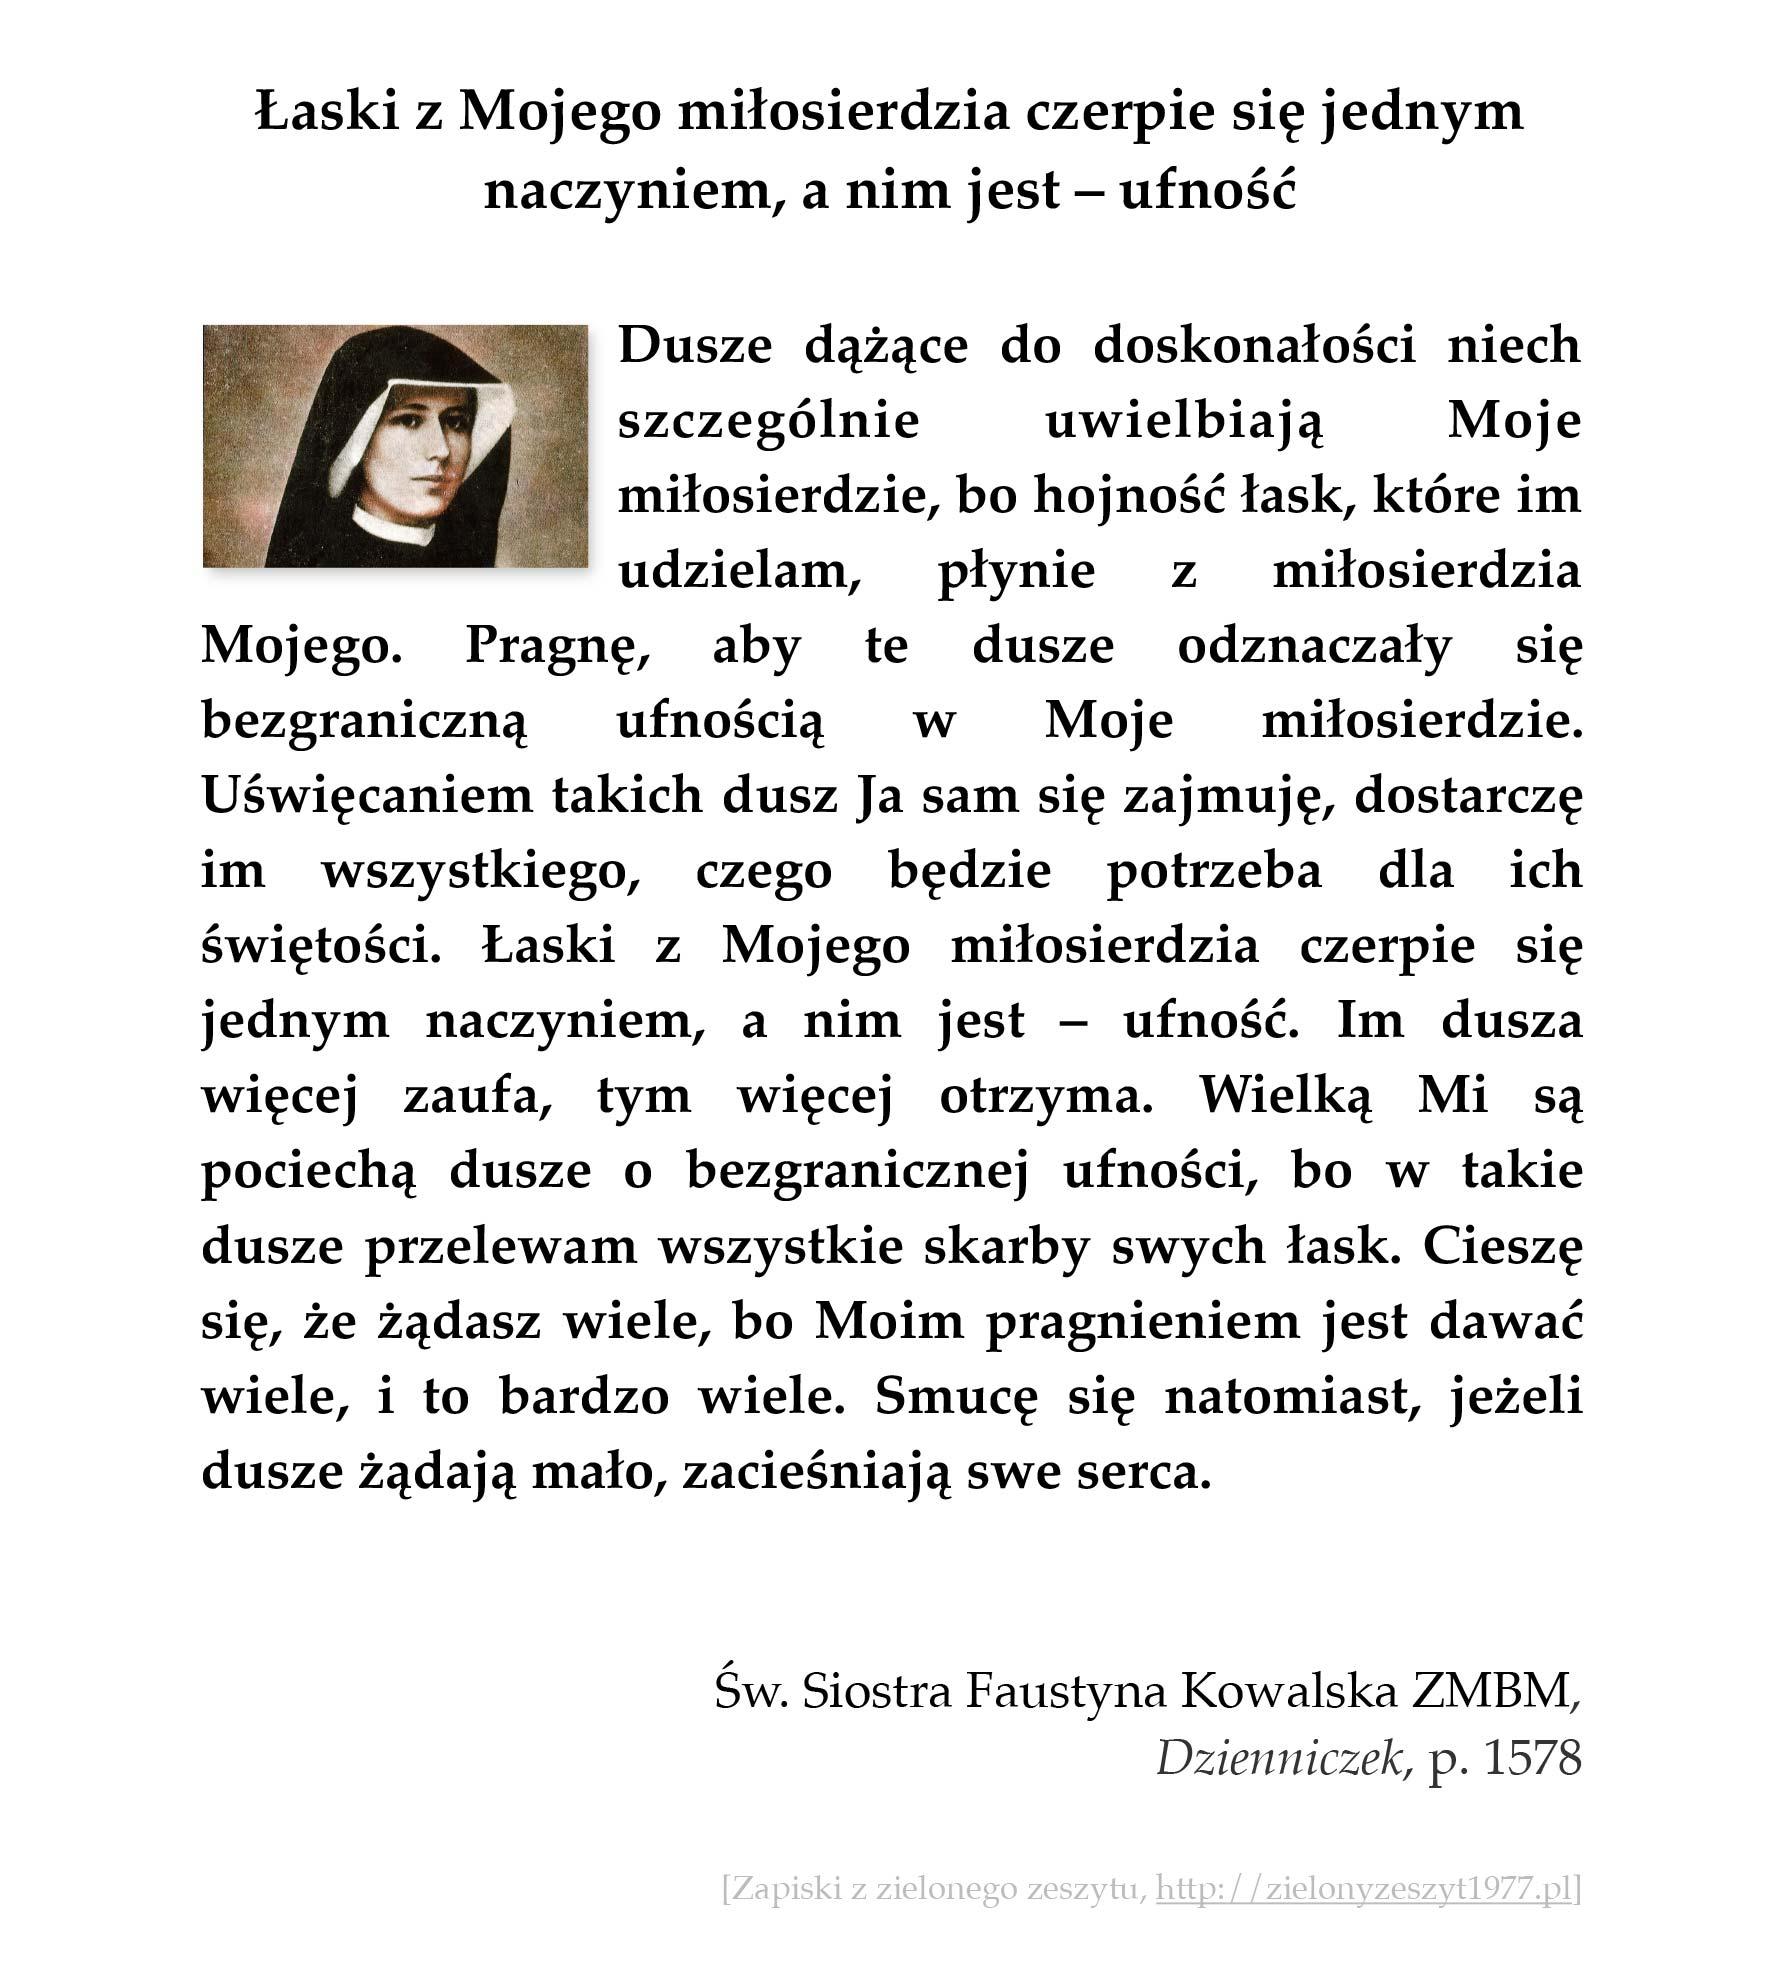 Łaski z Mojego miłosierdzia czerpie się jednym naczyniem, a nim jest - ufność; św. Faustyna Kowalska